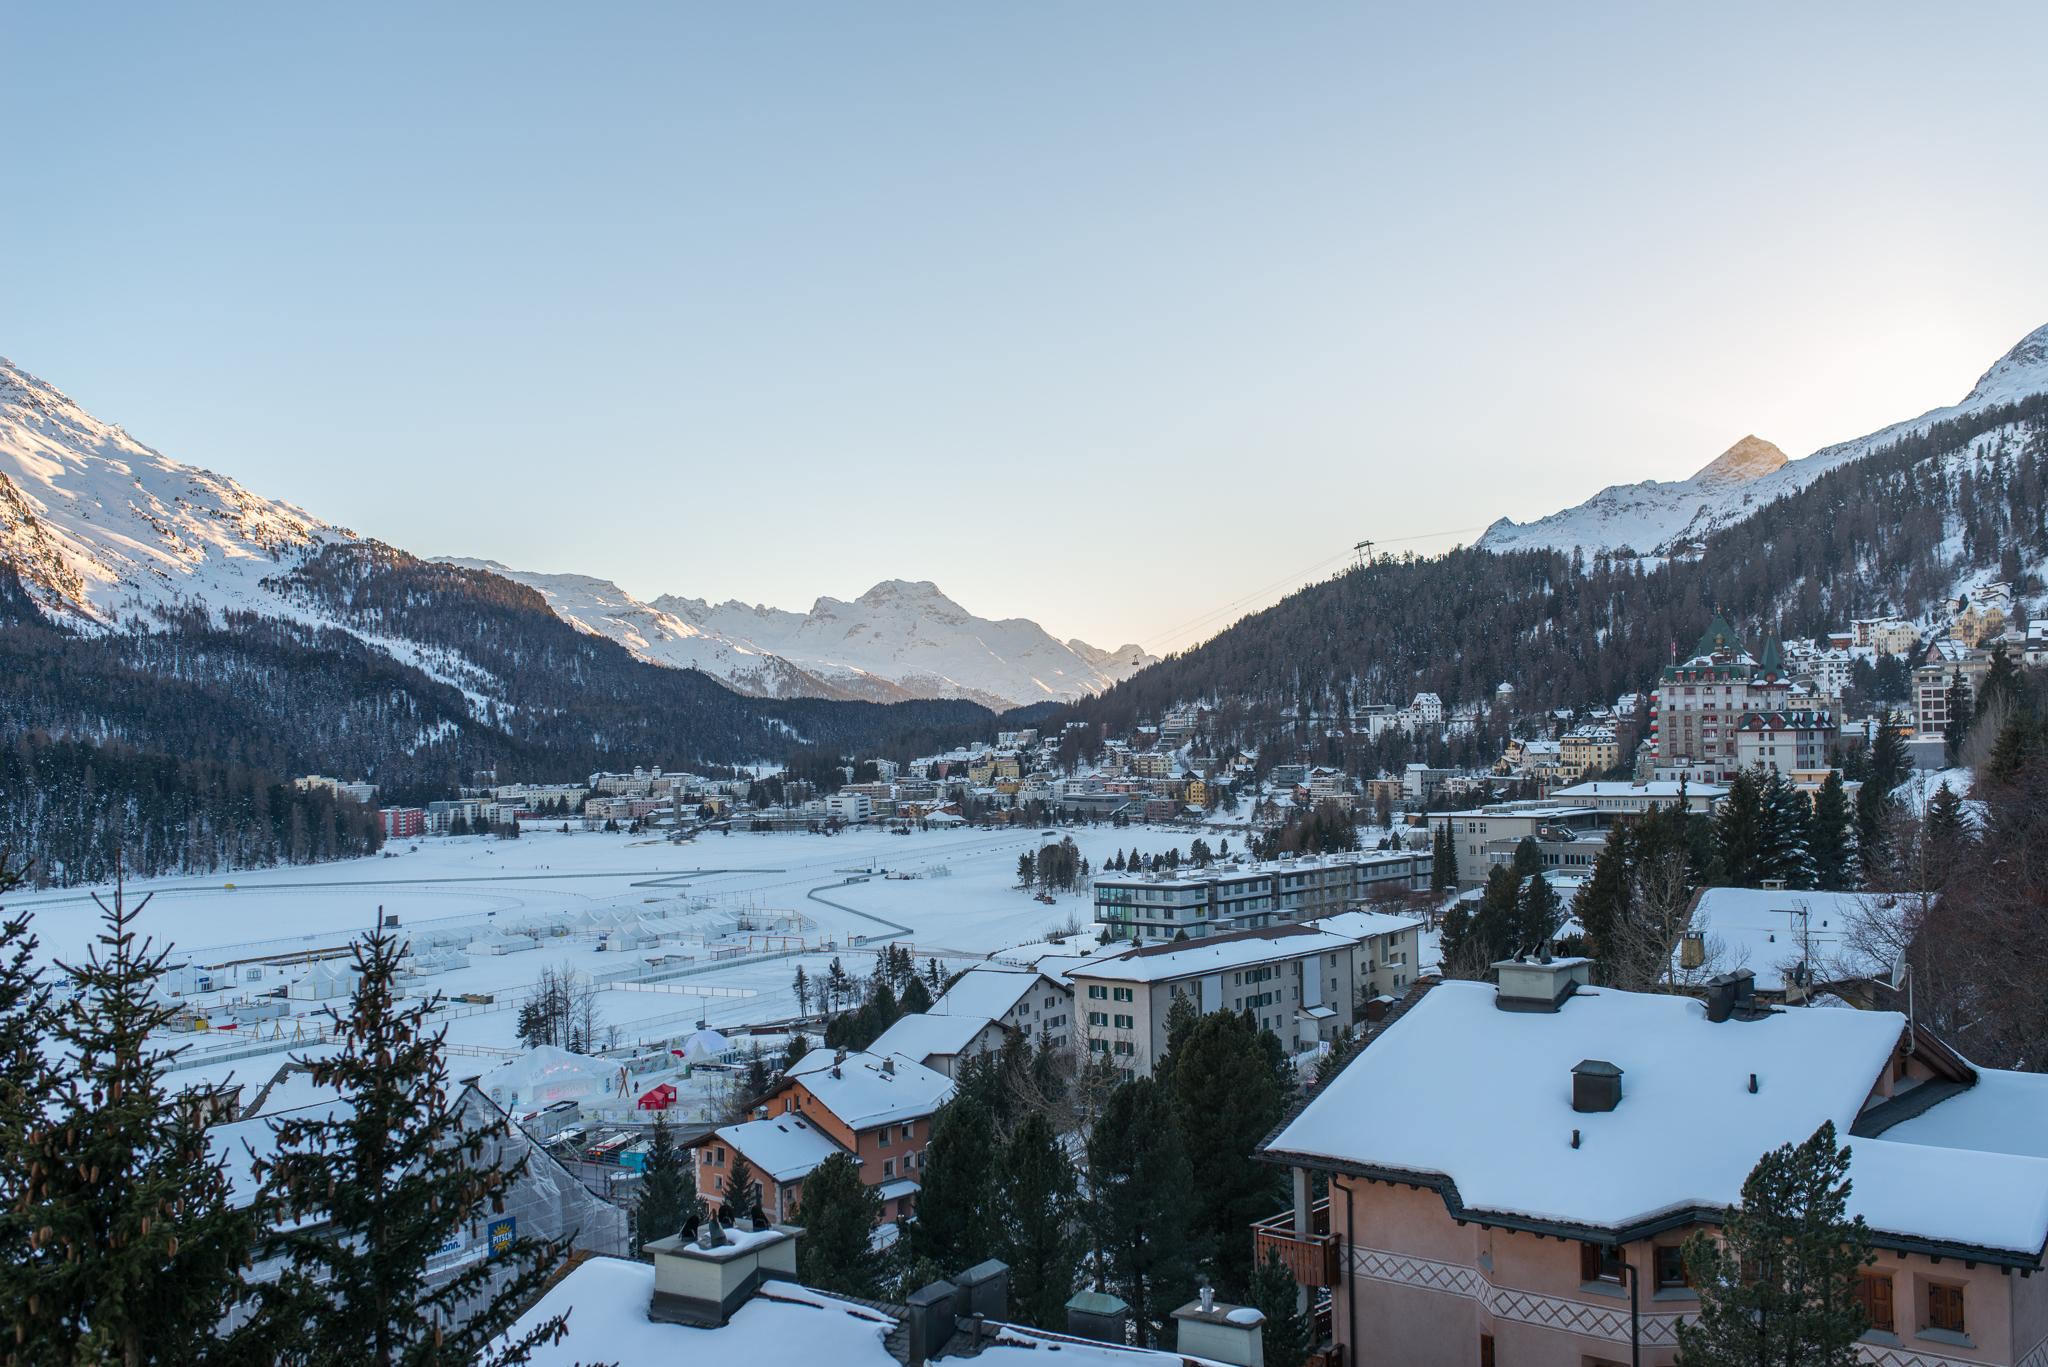 St. Moritz from Carlton